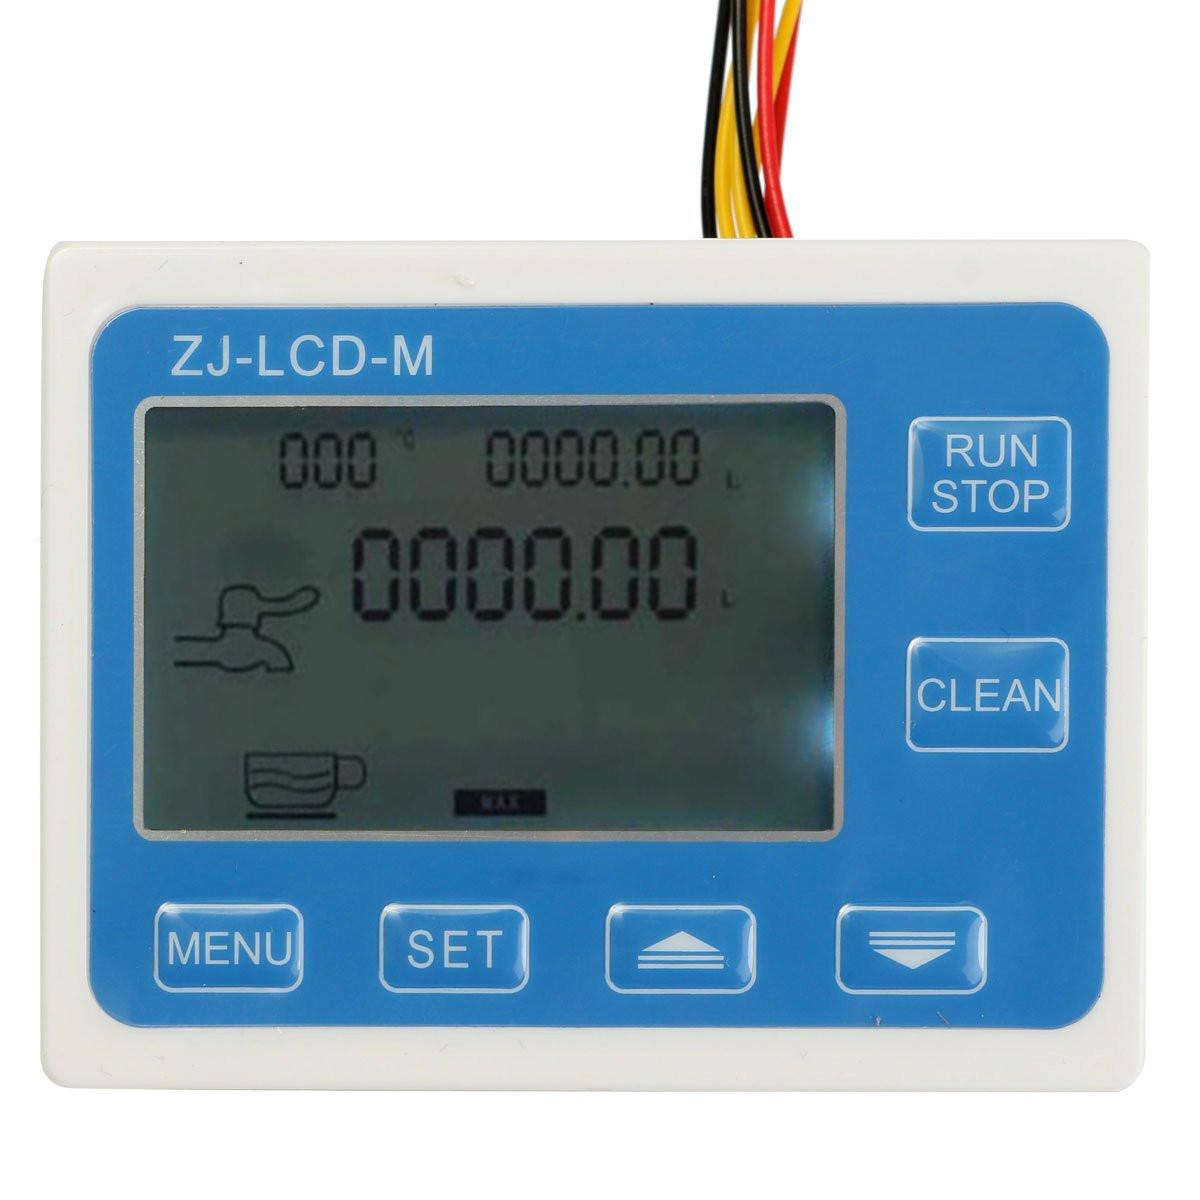 ZJ-LCD-M LCD Digital Display Water Flow Sensor Meter Quantitative Flow Meter